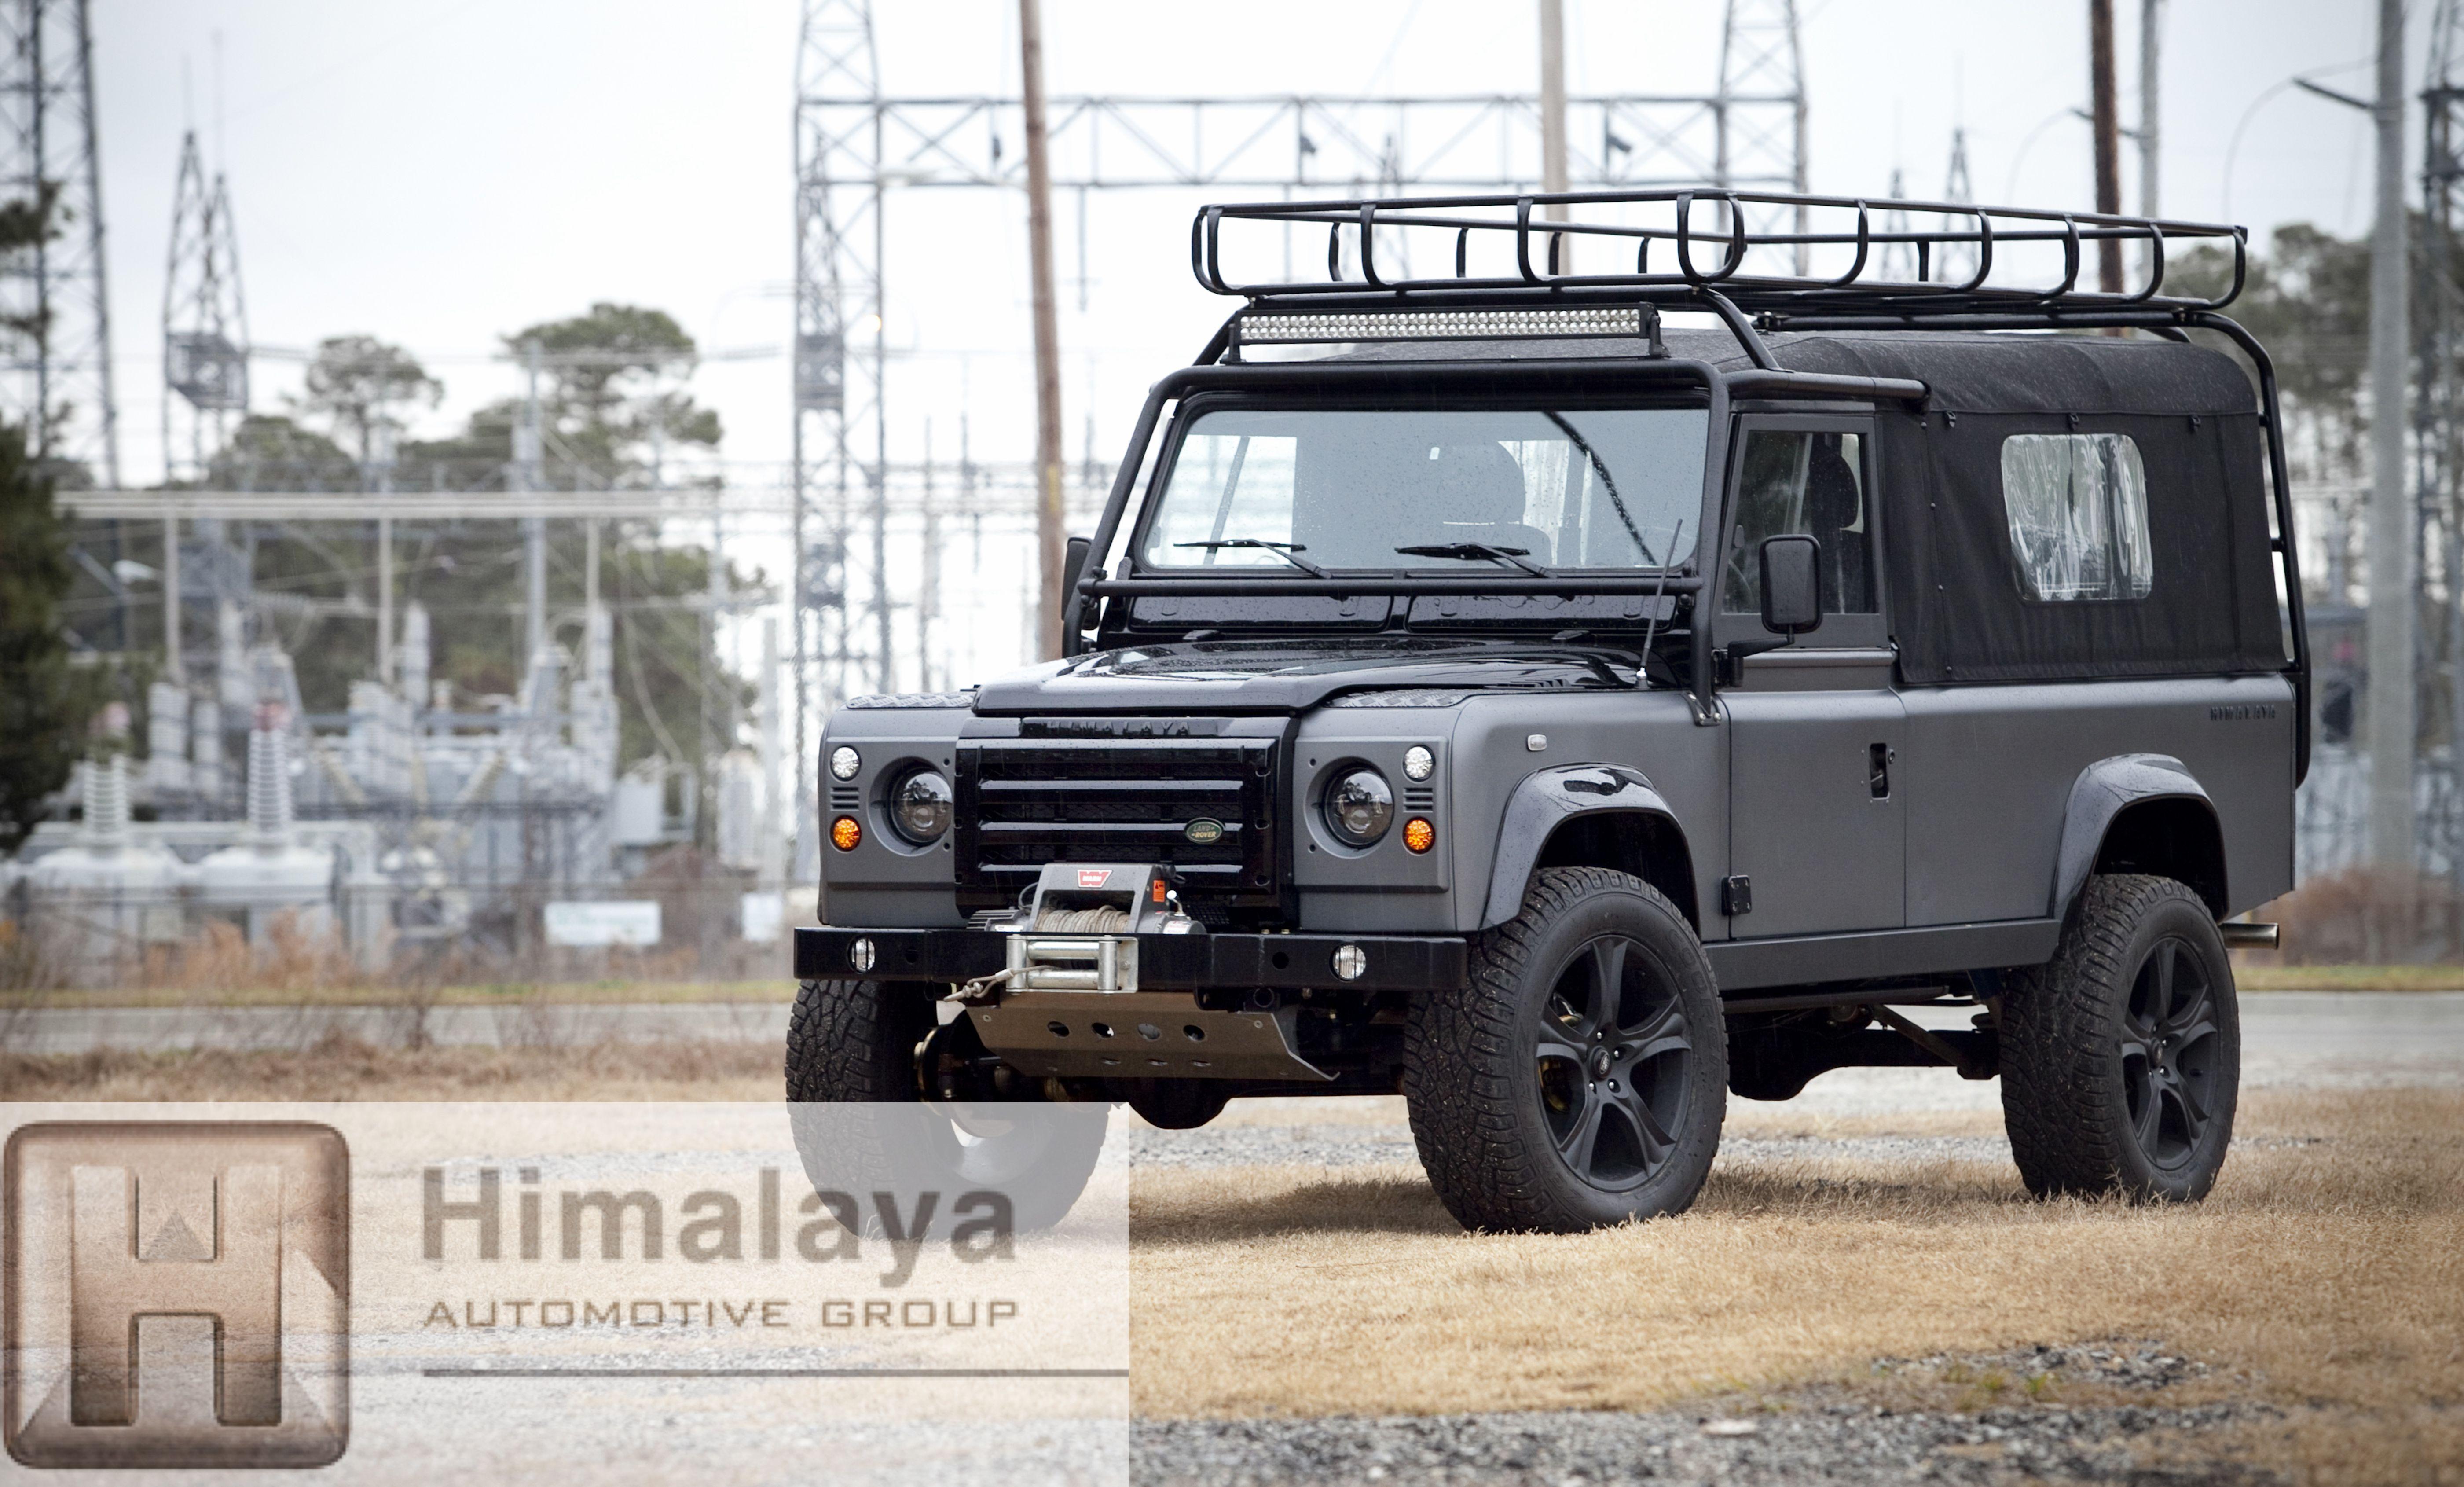 Himalaya 4x4 Custom Land Rover Land Rover Land Rover Defender Land Rover Defender 110